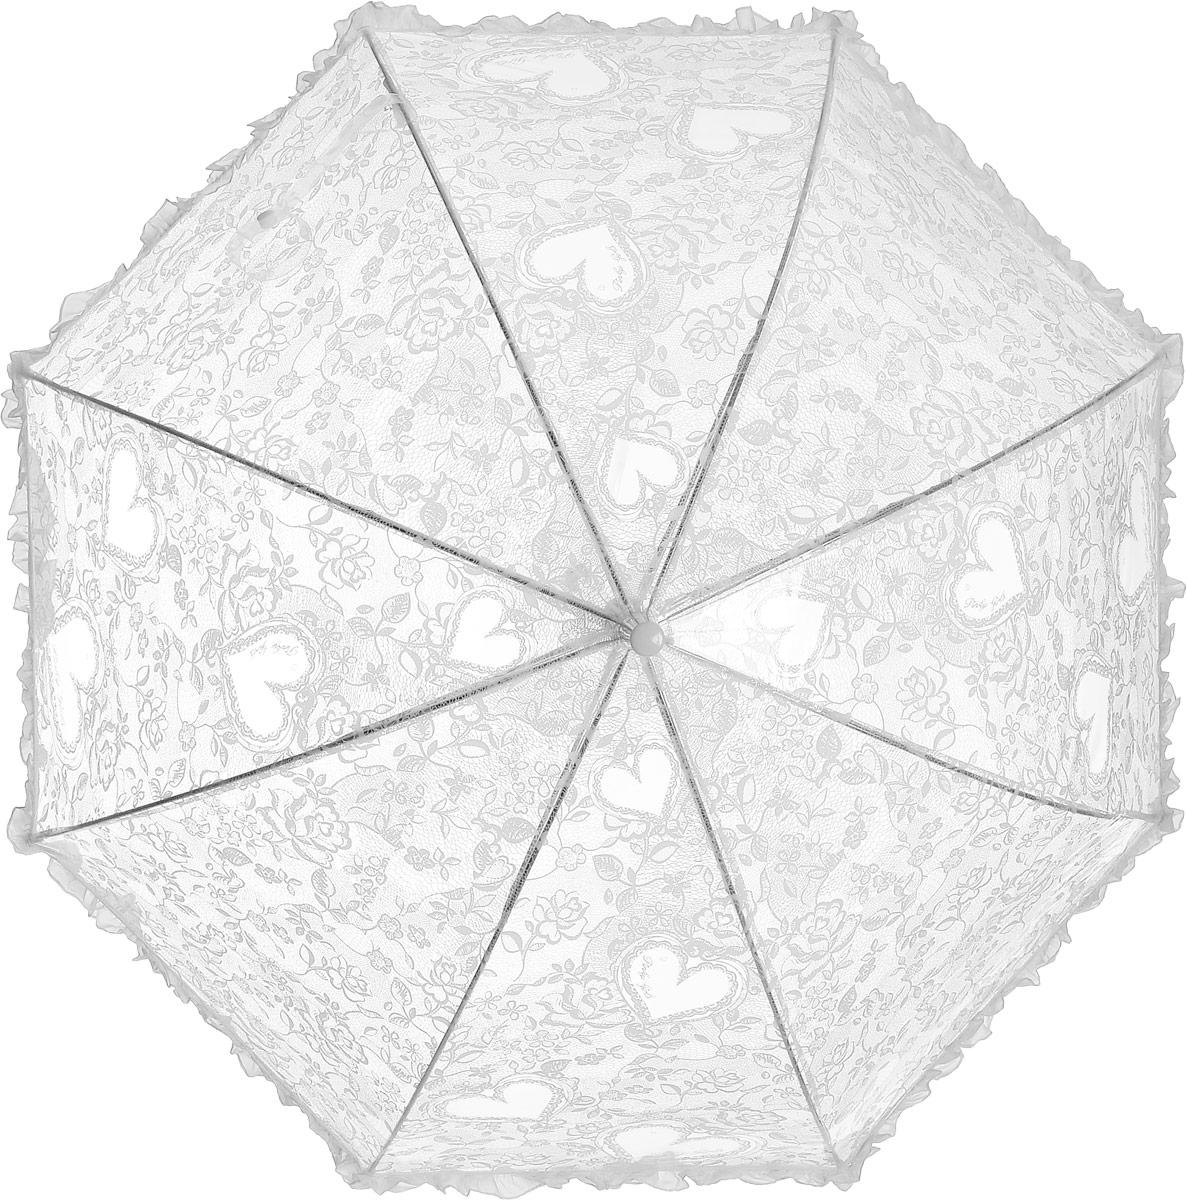 Зонт детский Airton, механический, трость, цвет: прозрачный, белый. 1651-01Колье (короткие одноярусные бусы)Замечательный прозрачный зонтик Airton для юной модницы с рисунком сердечки. Механизм зонта - полуавтомат. Купол зонта изготовлен из прочного ПВХ. Практичная рукоятка закругленной формы разработана с учетом требований эргономики и выполнена из качественного пластика с противоскользящей обработкой. Аксессуар сделан с соблюдением всех стандартов безопасности, острые концы заблокированы специальными клипсами, ручка в форме крюка позволит легко повесить зонт даже на собственную руку.